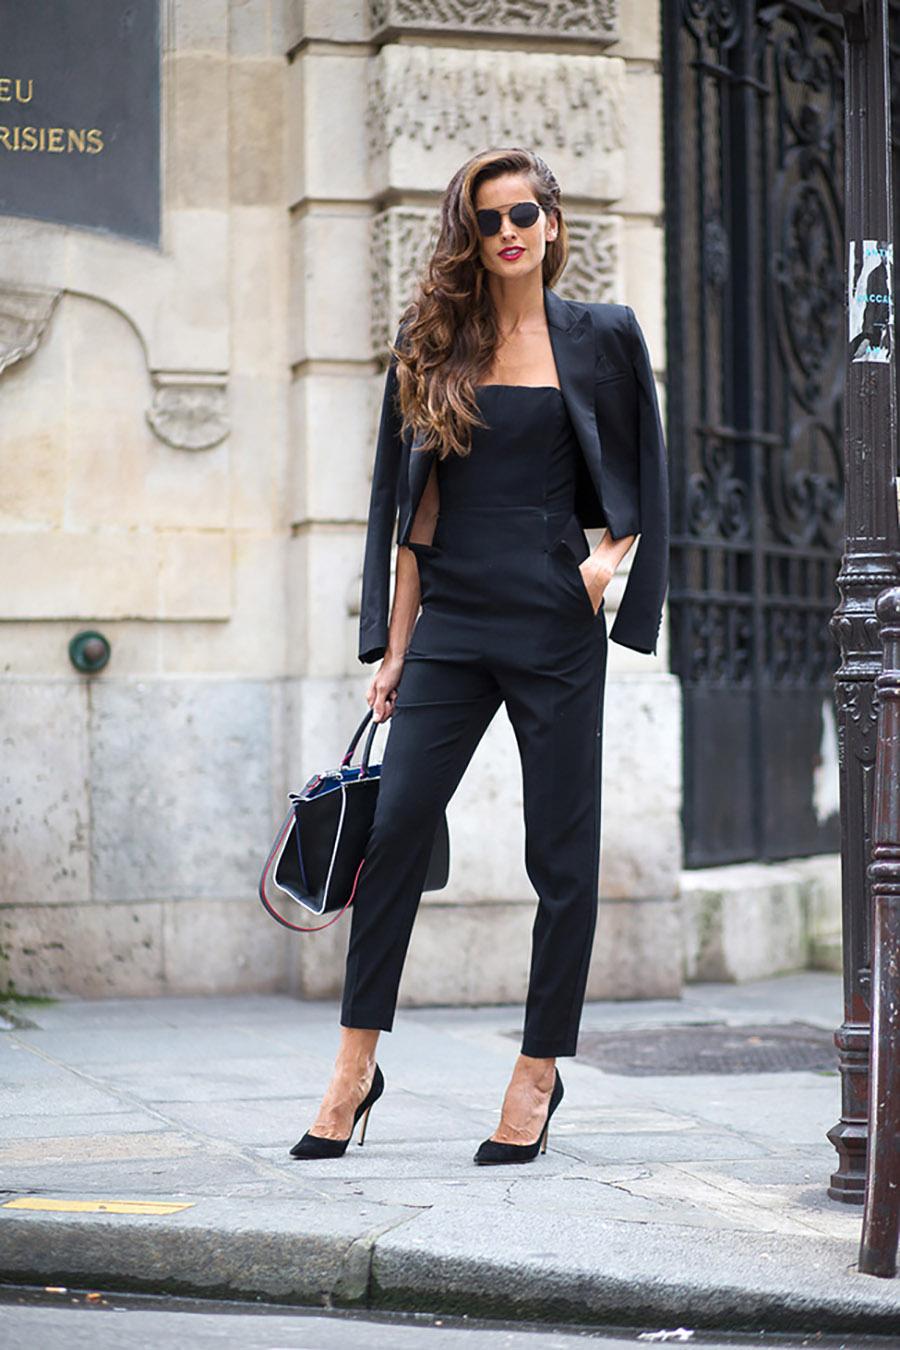 fashionista mặc âu phục màu đen và đi giày cao gót